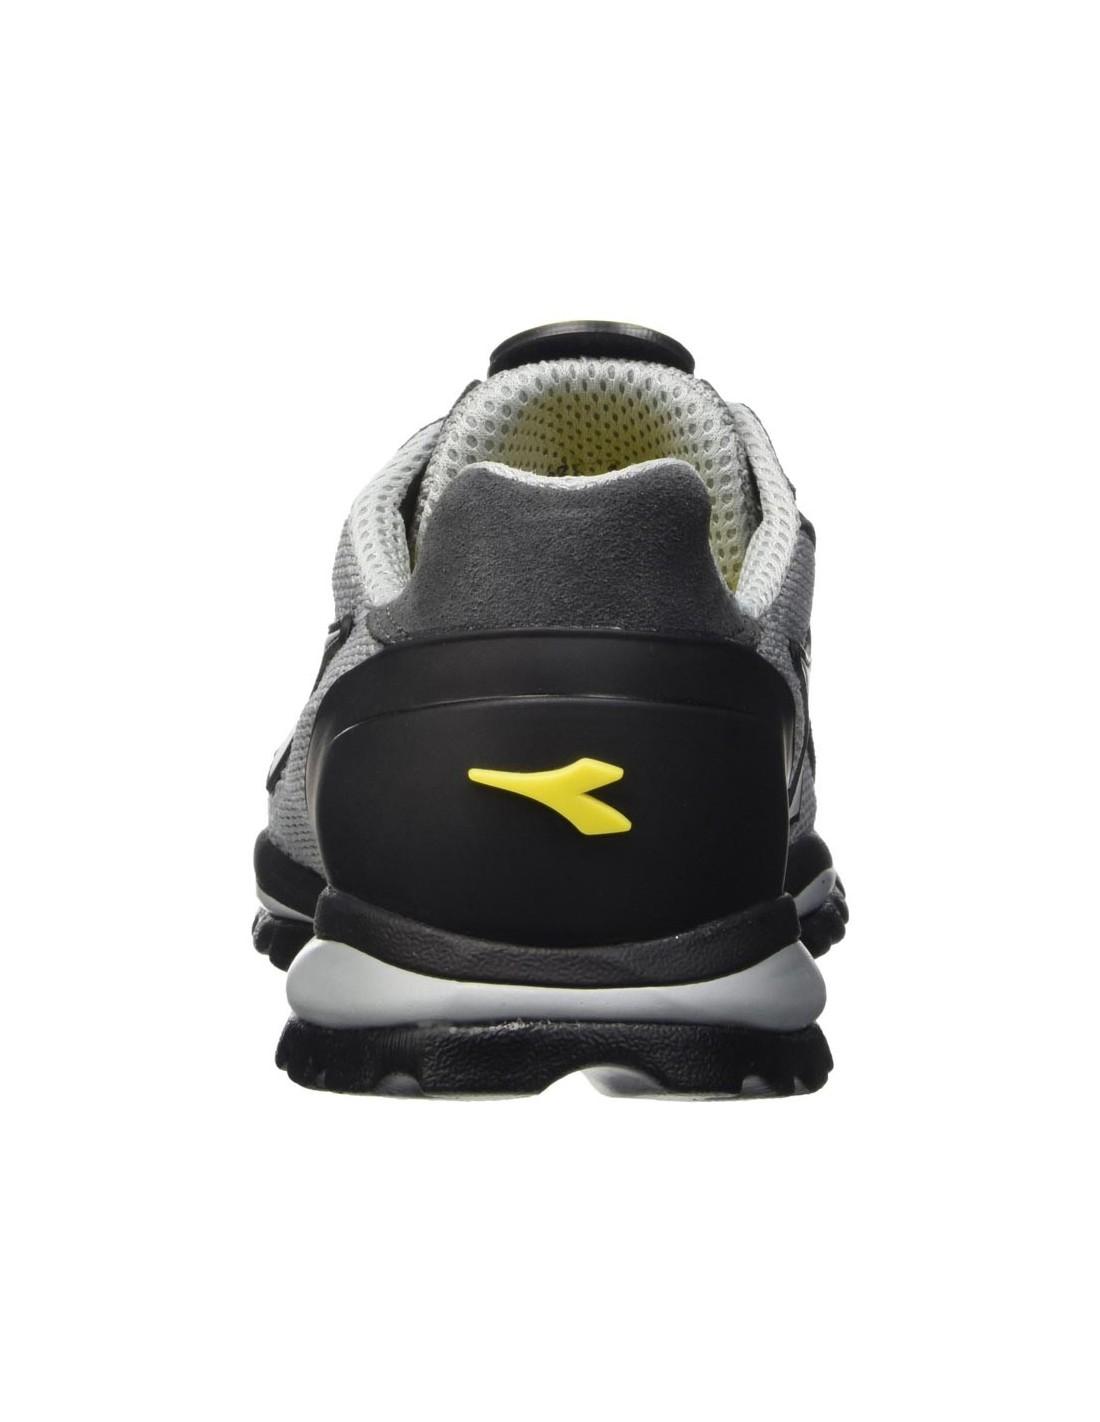 Nike Antinfortunistica Antinfortunistica Scarpa Nike Scarpa Nike Scarpa Scarpa Antinfortunistica Scarpa Nike Antinfortunistica P0YEIxP